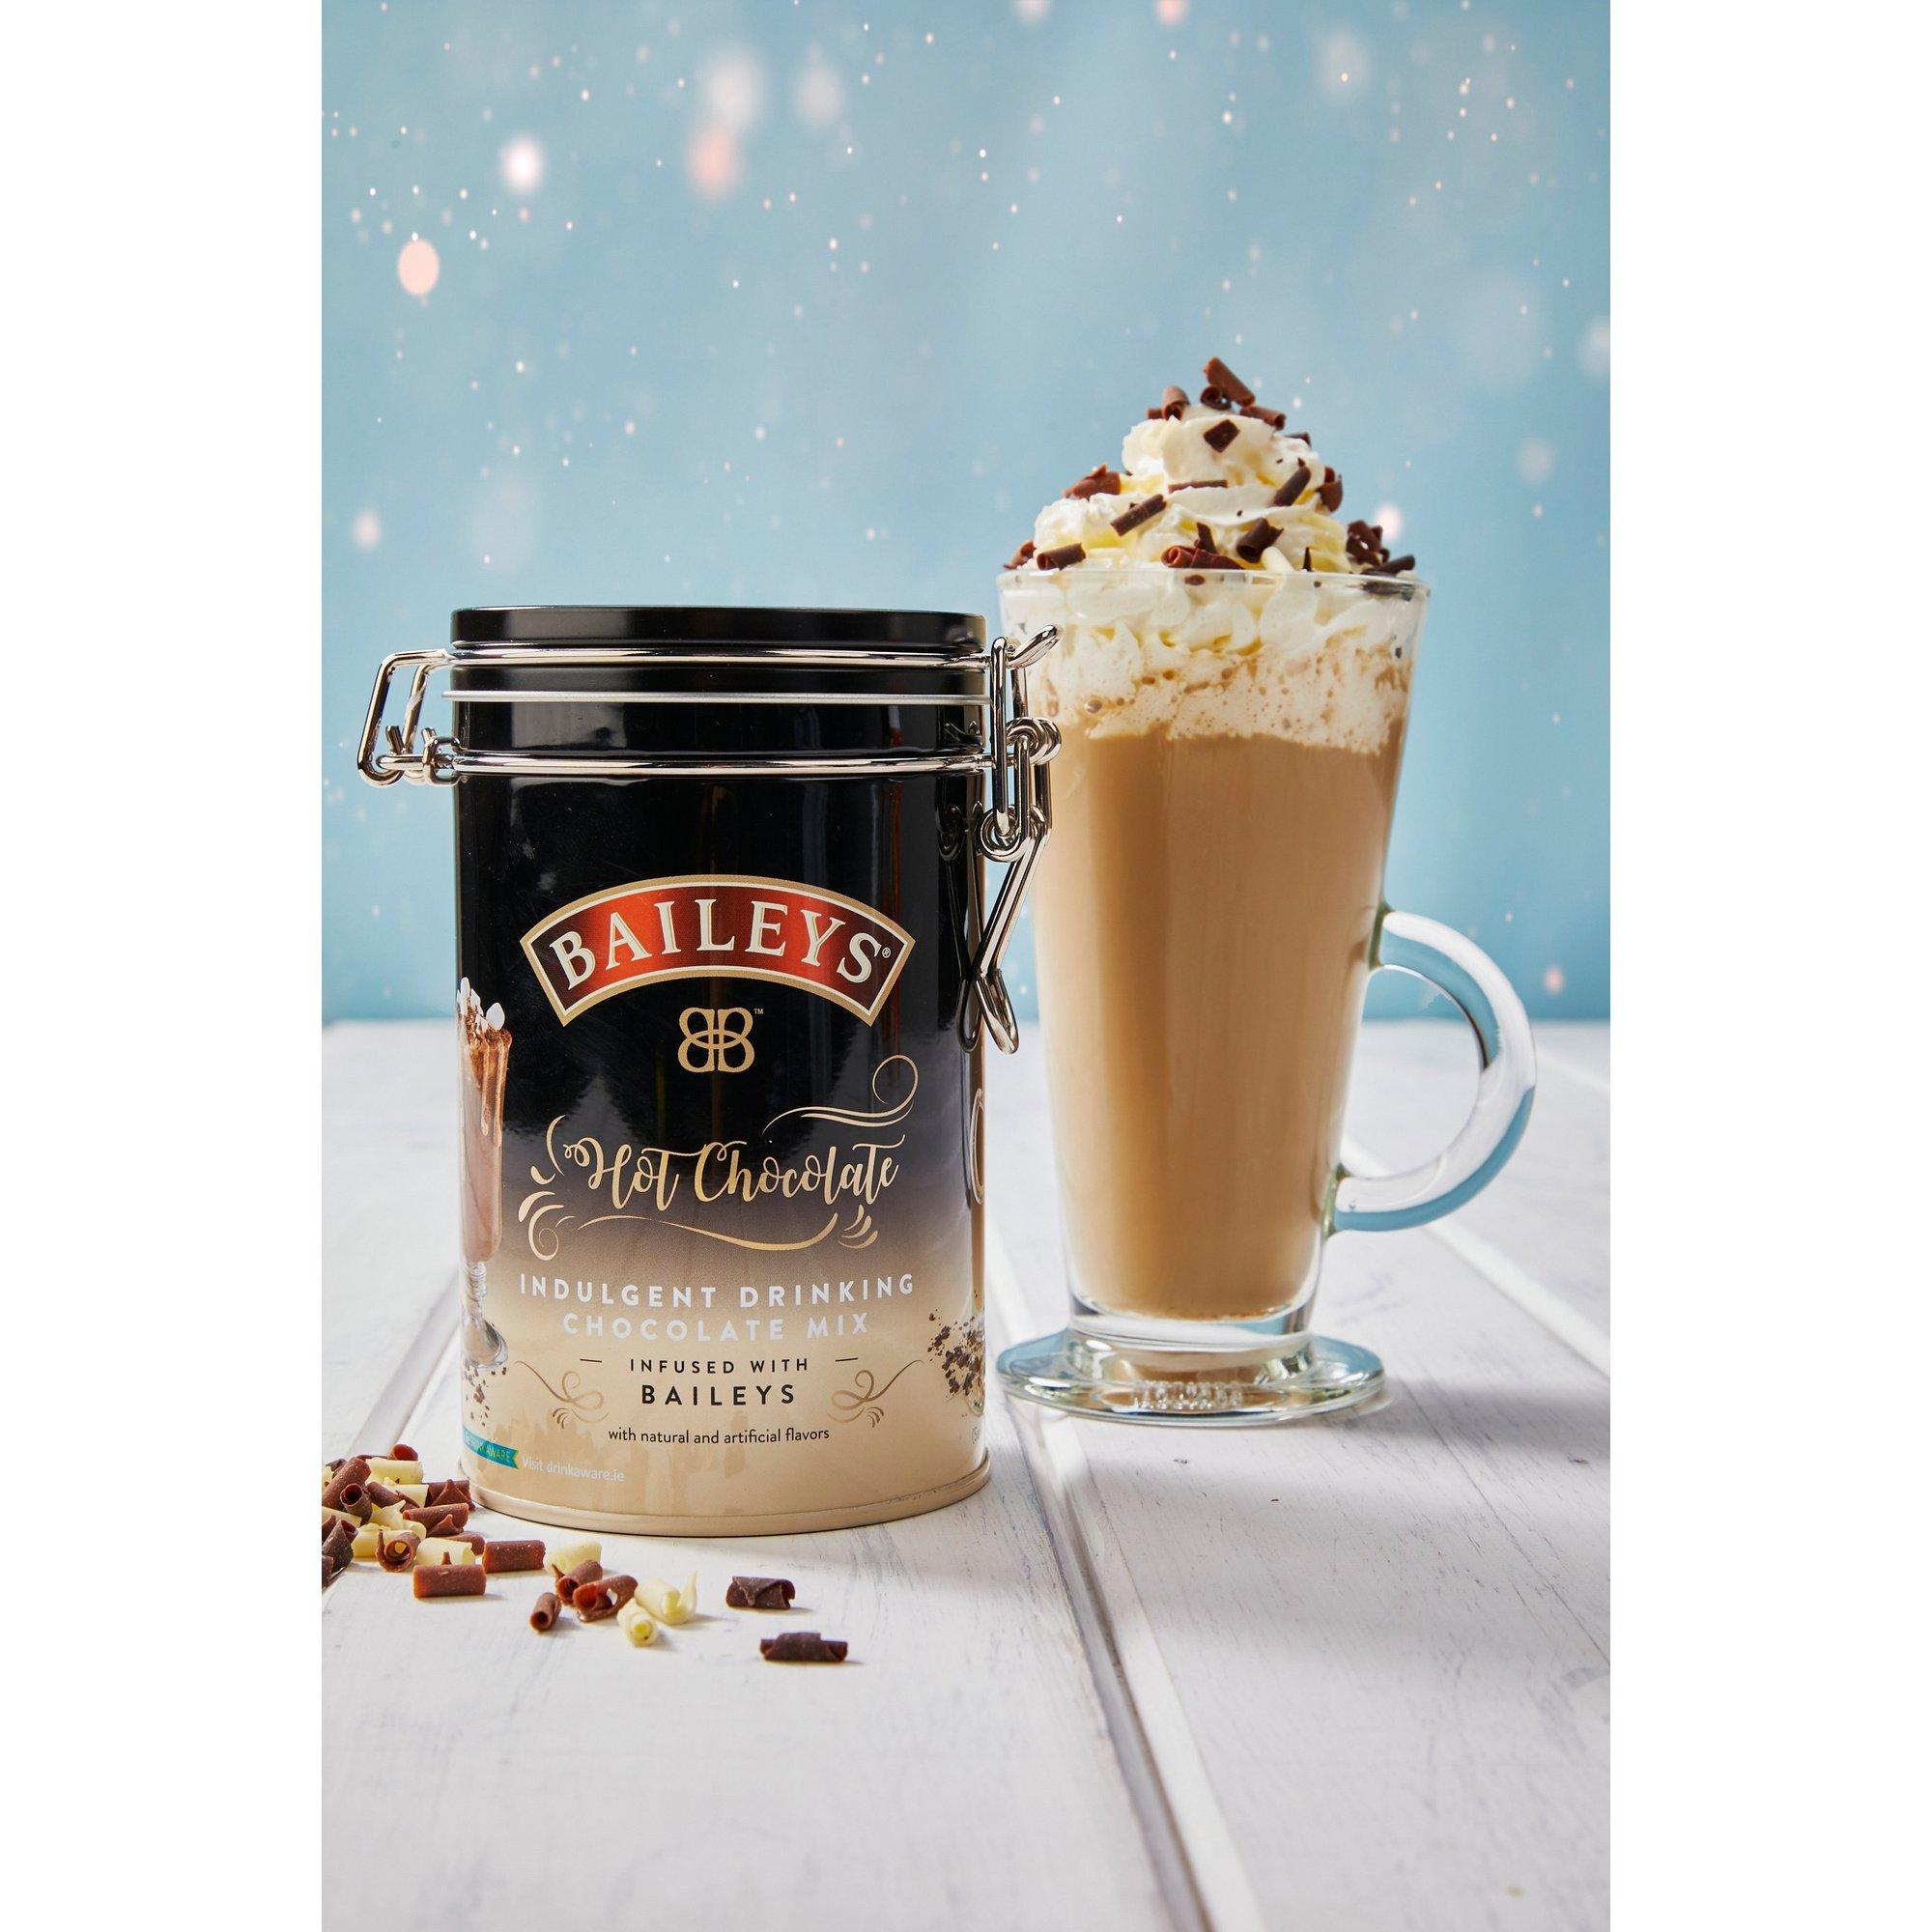 Image of Baileys Hot Chocolate